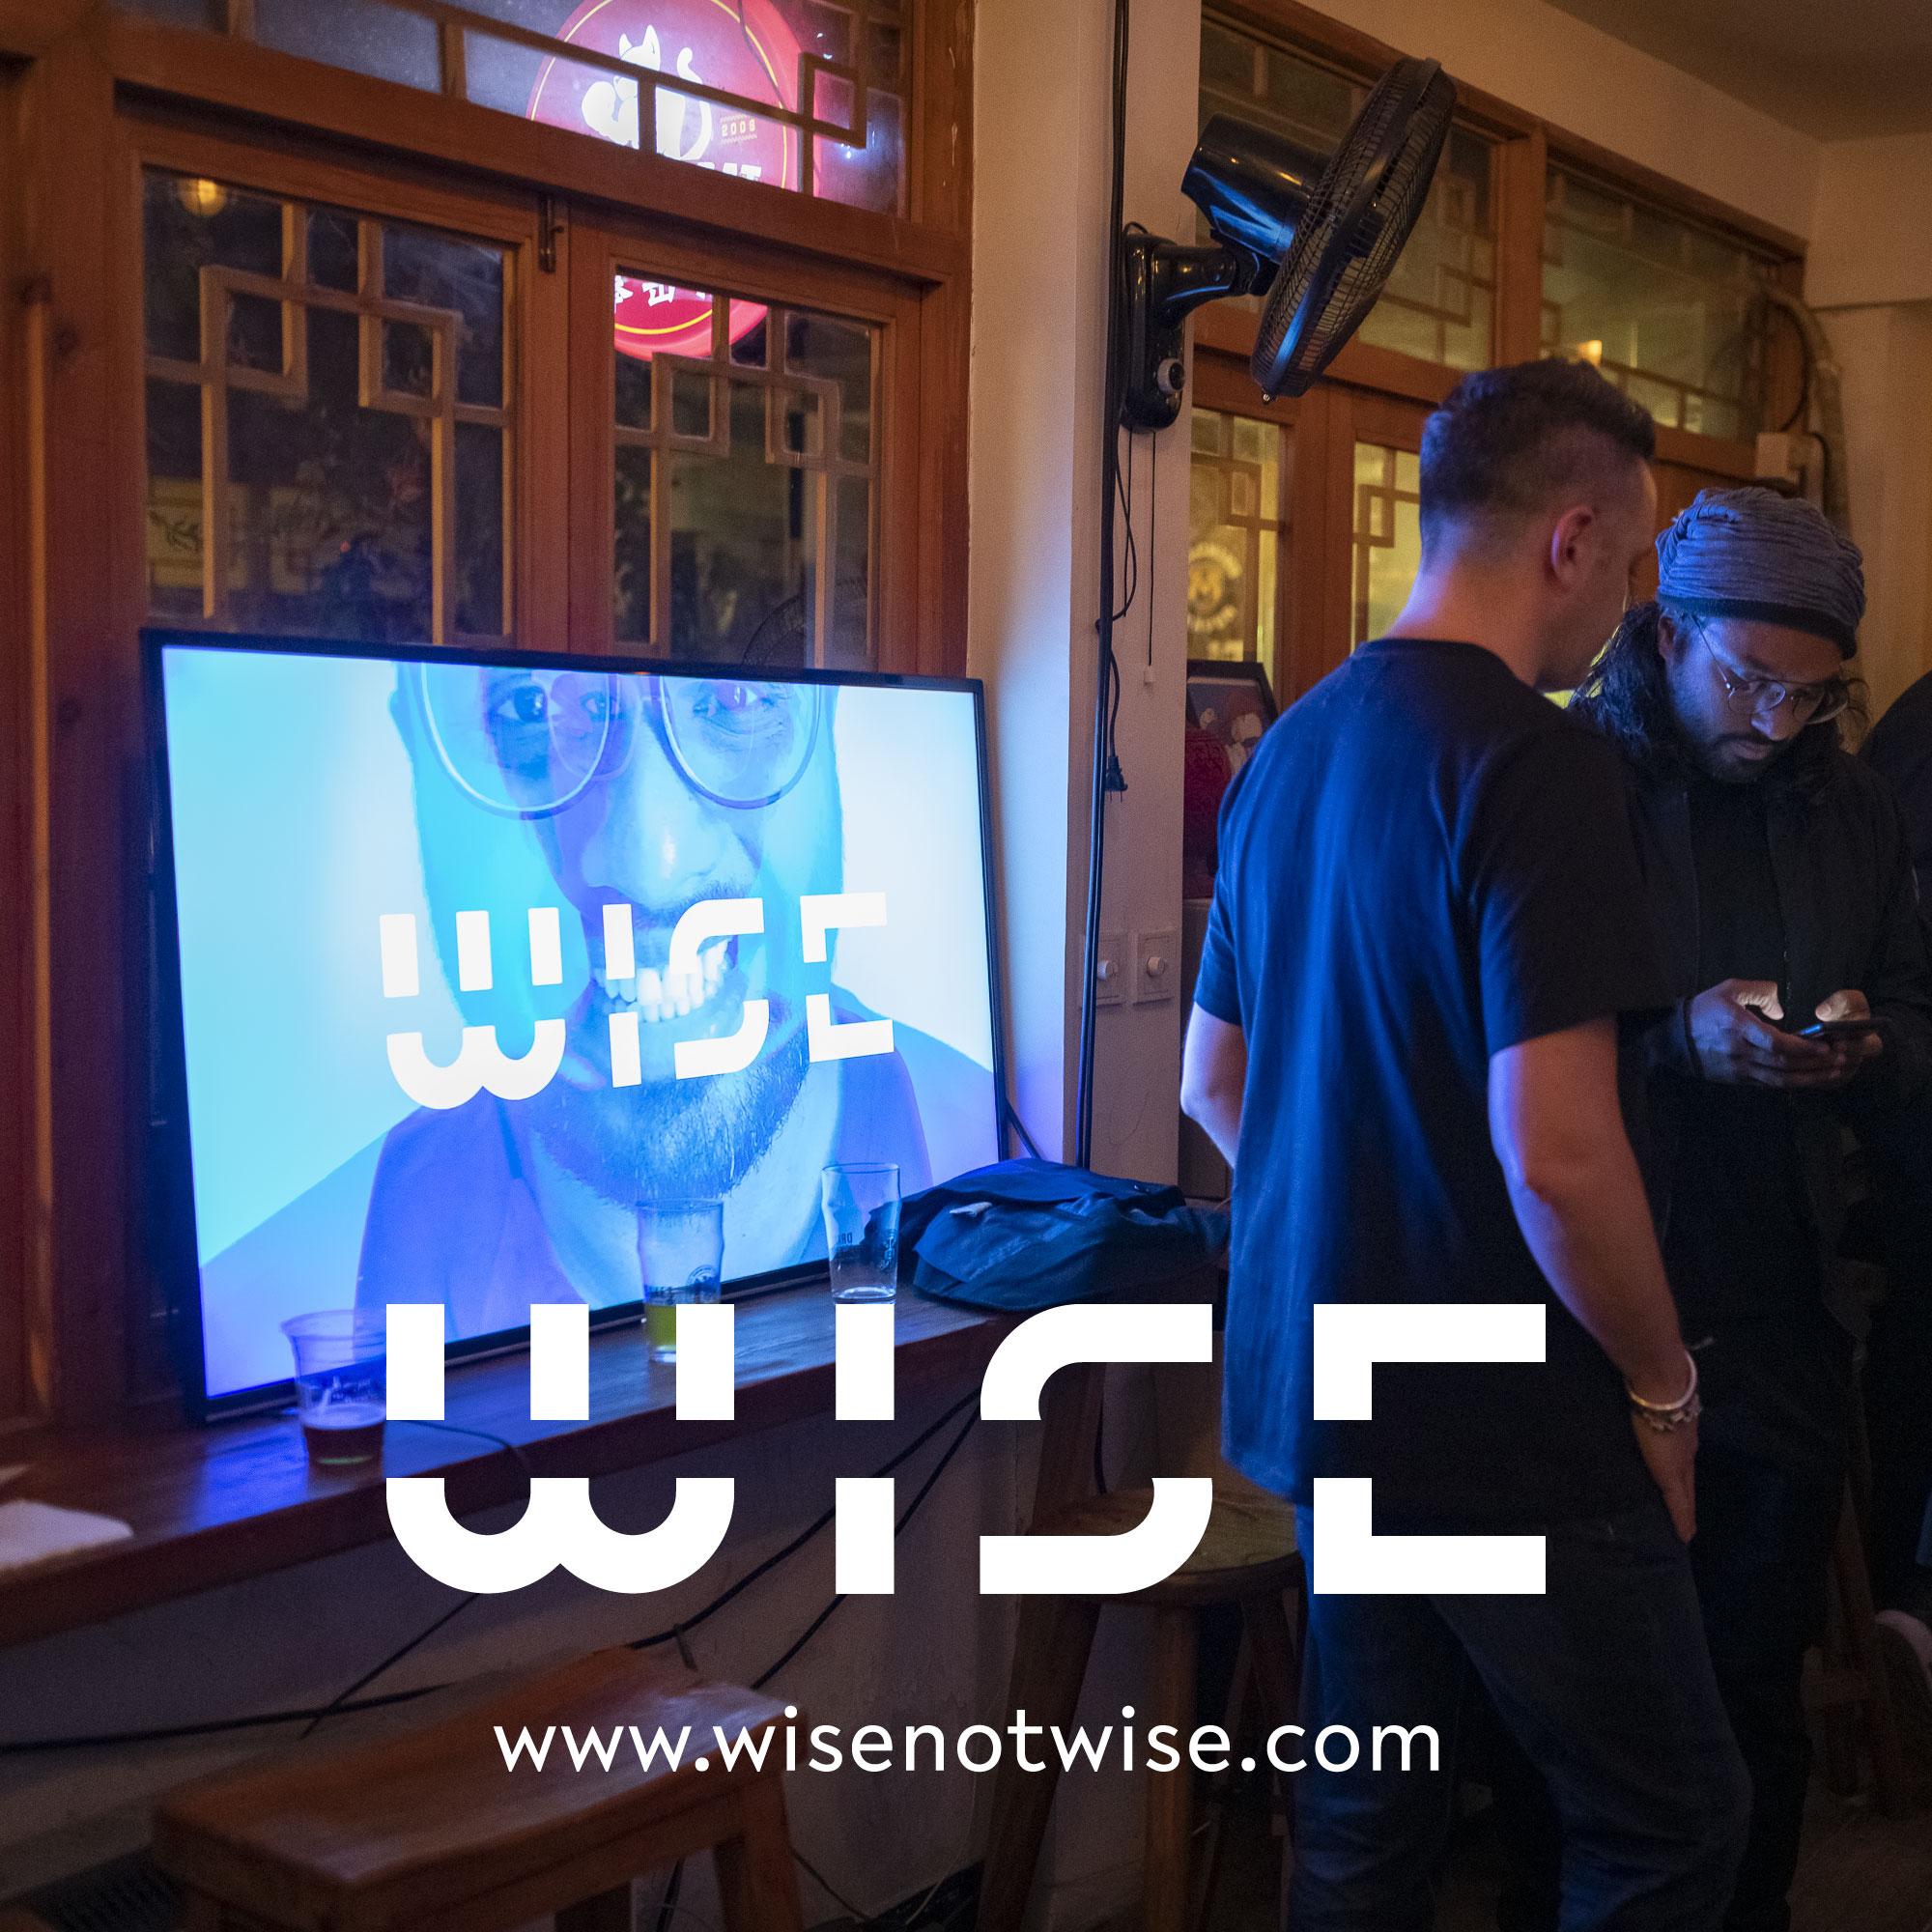 WISE_DOCU_LOGO_2018_58.jpg